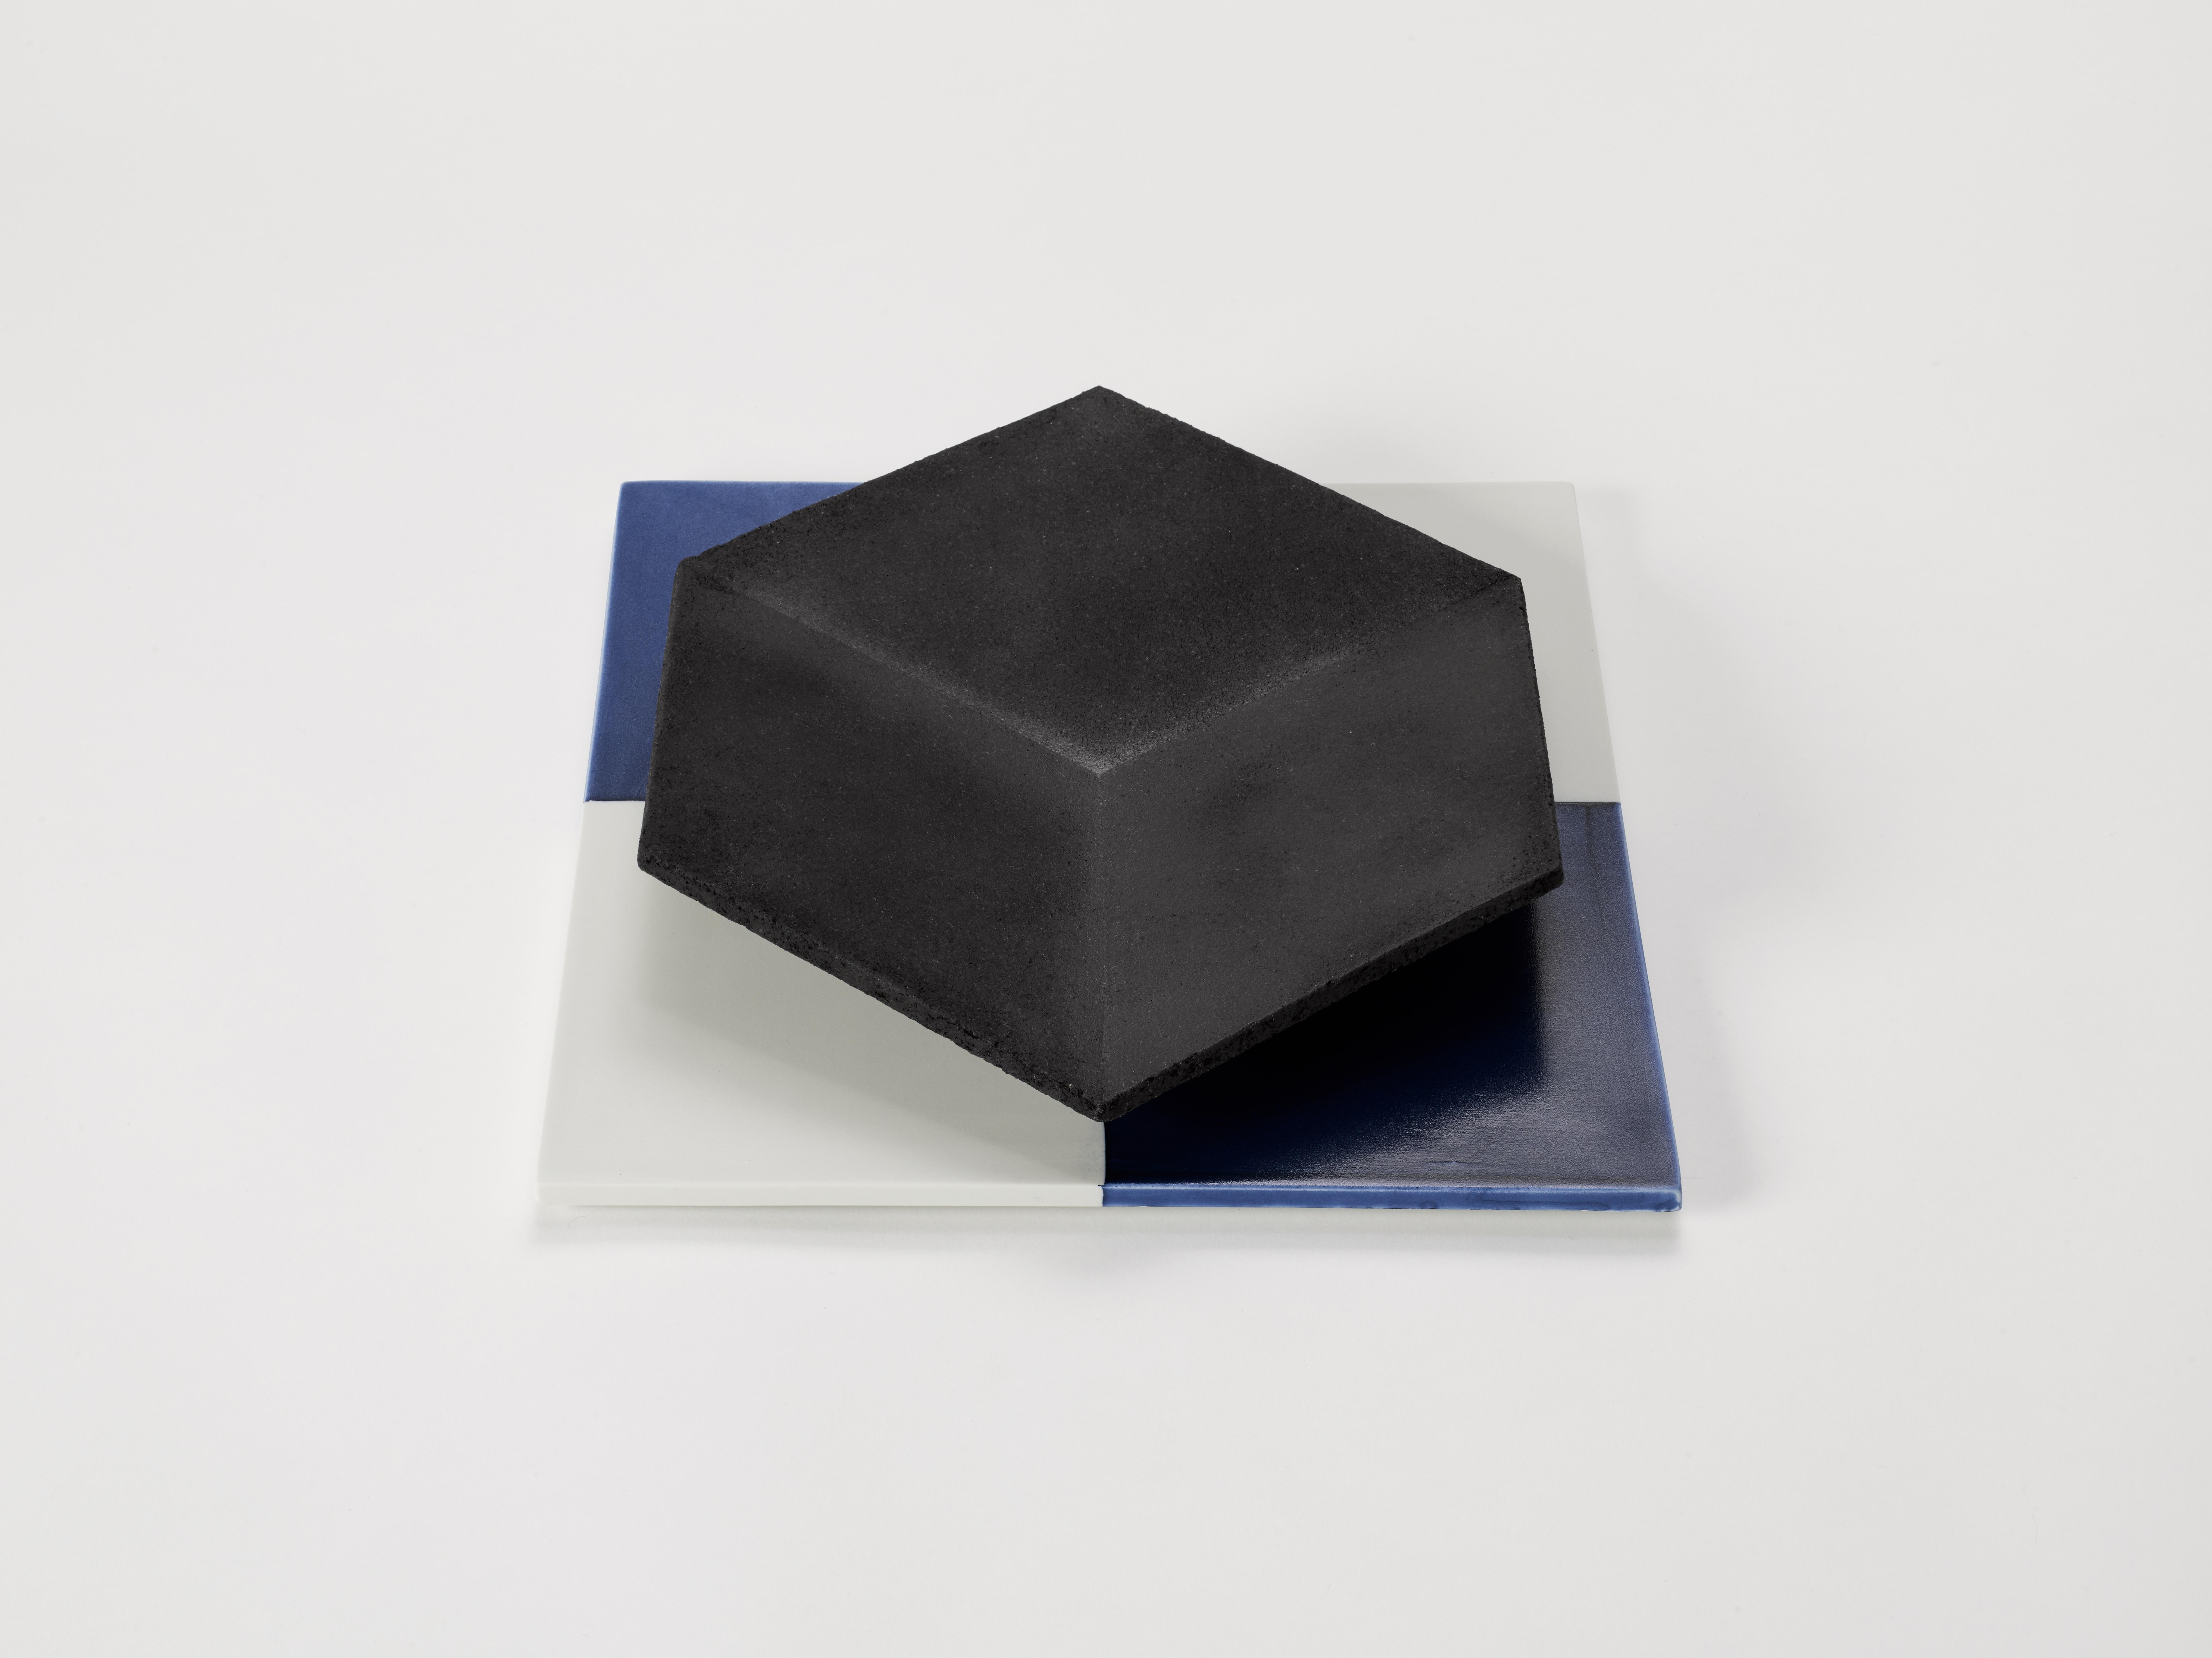 7. Margareta Daepp: Schwarzes Hexagon auf Quadrat, 2016